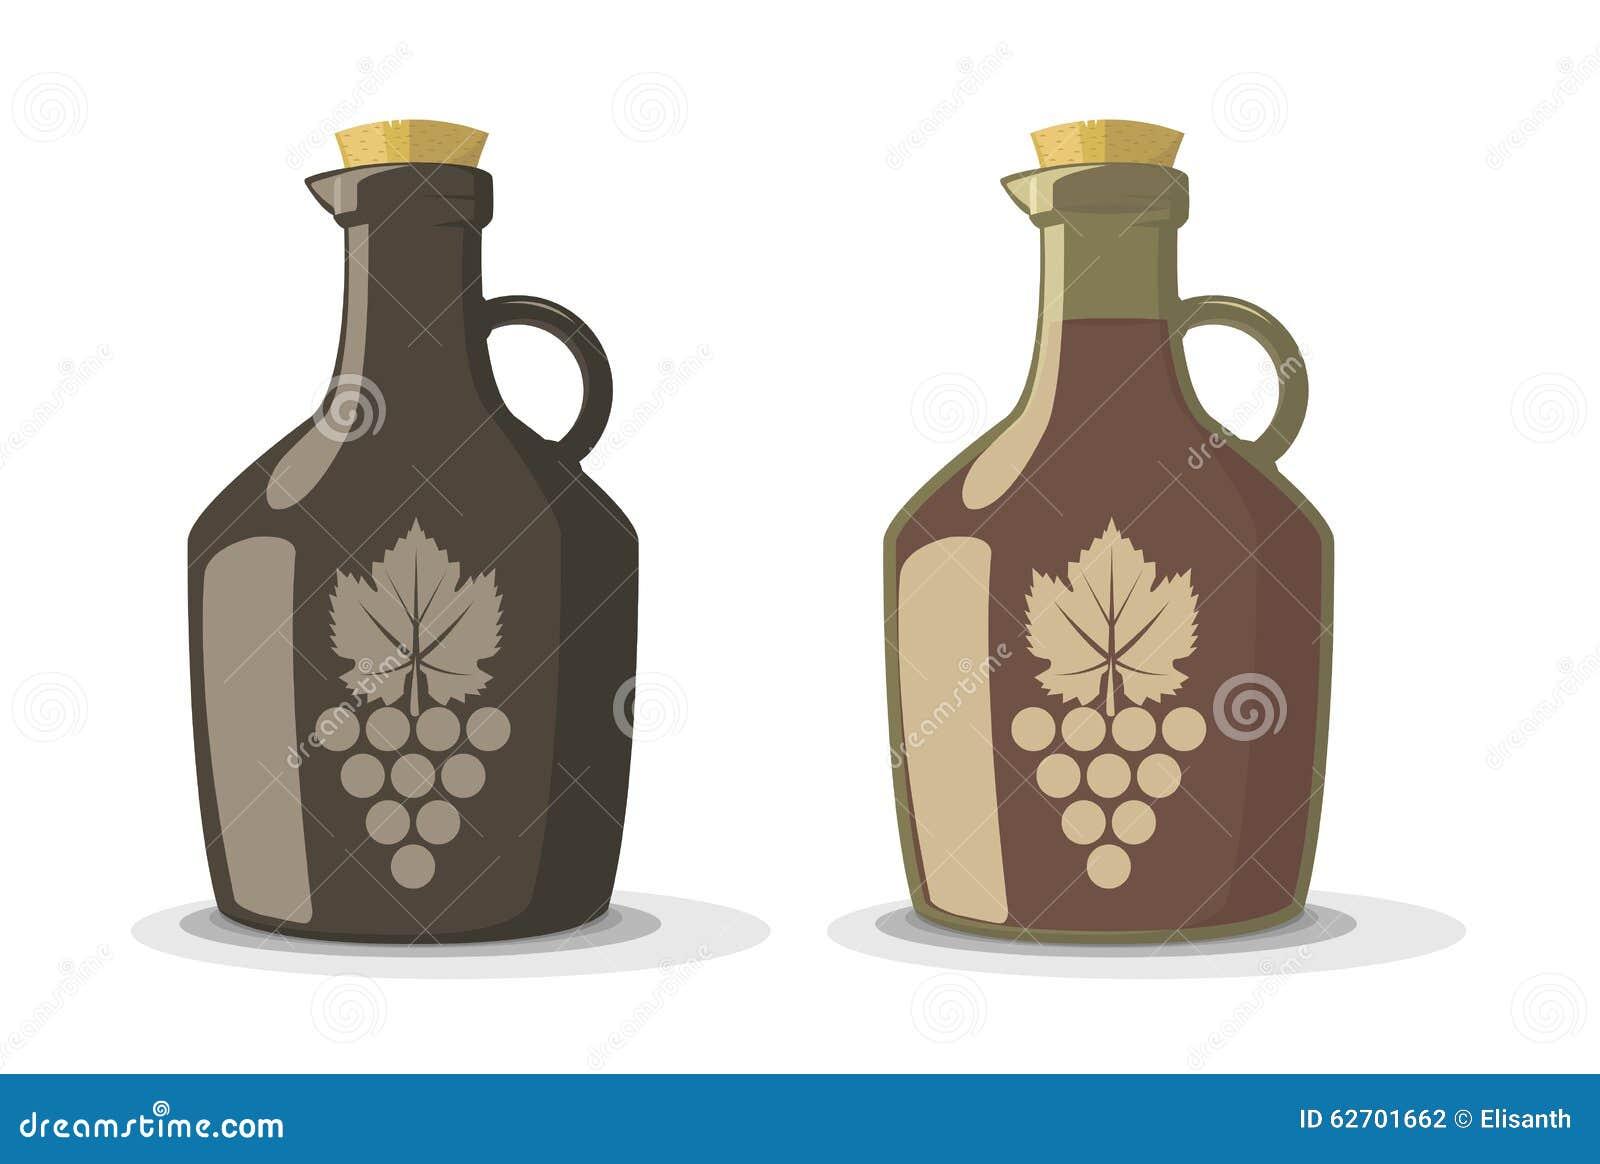 Διανυσματικό σύνολο δύο μπουκαλιών κρασιού